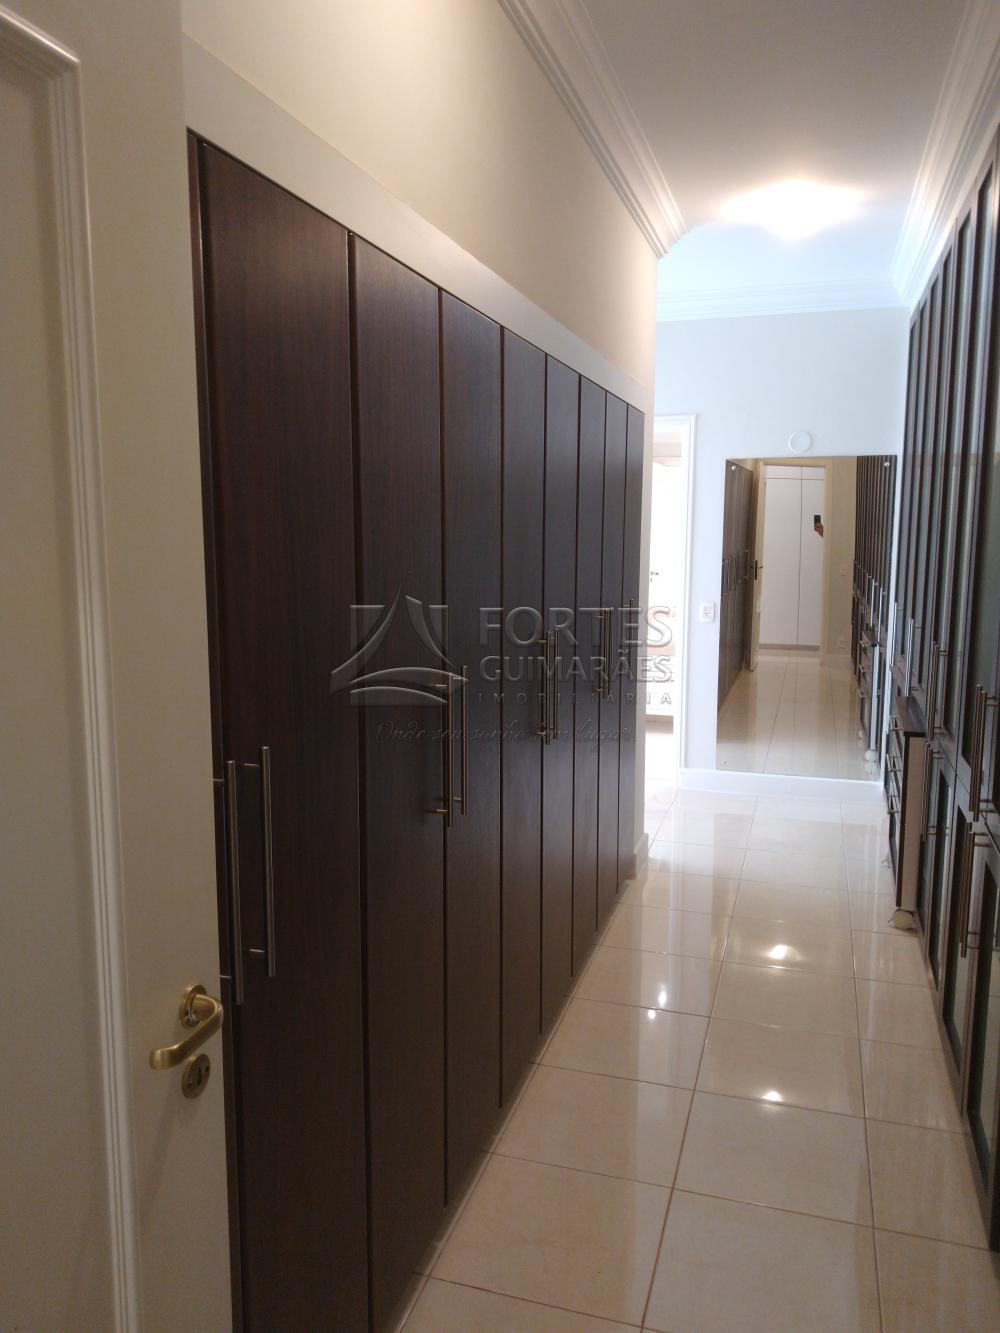 Alugar Apartamentos / Padrão em Ribeirão Preto apenas R$ 3.000,00 - Foto 39